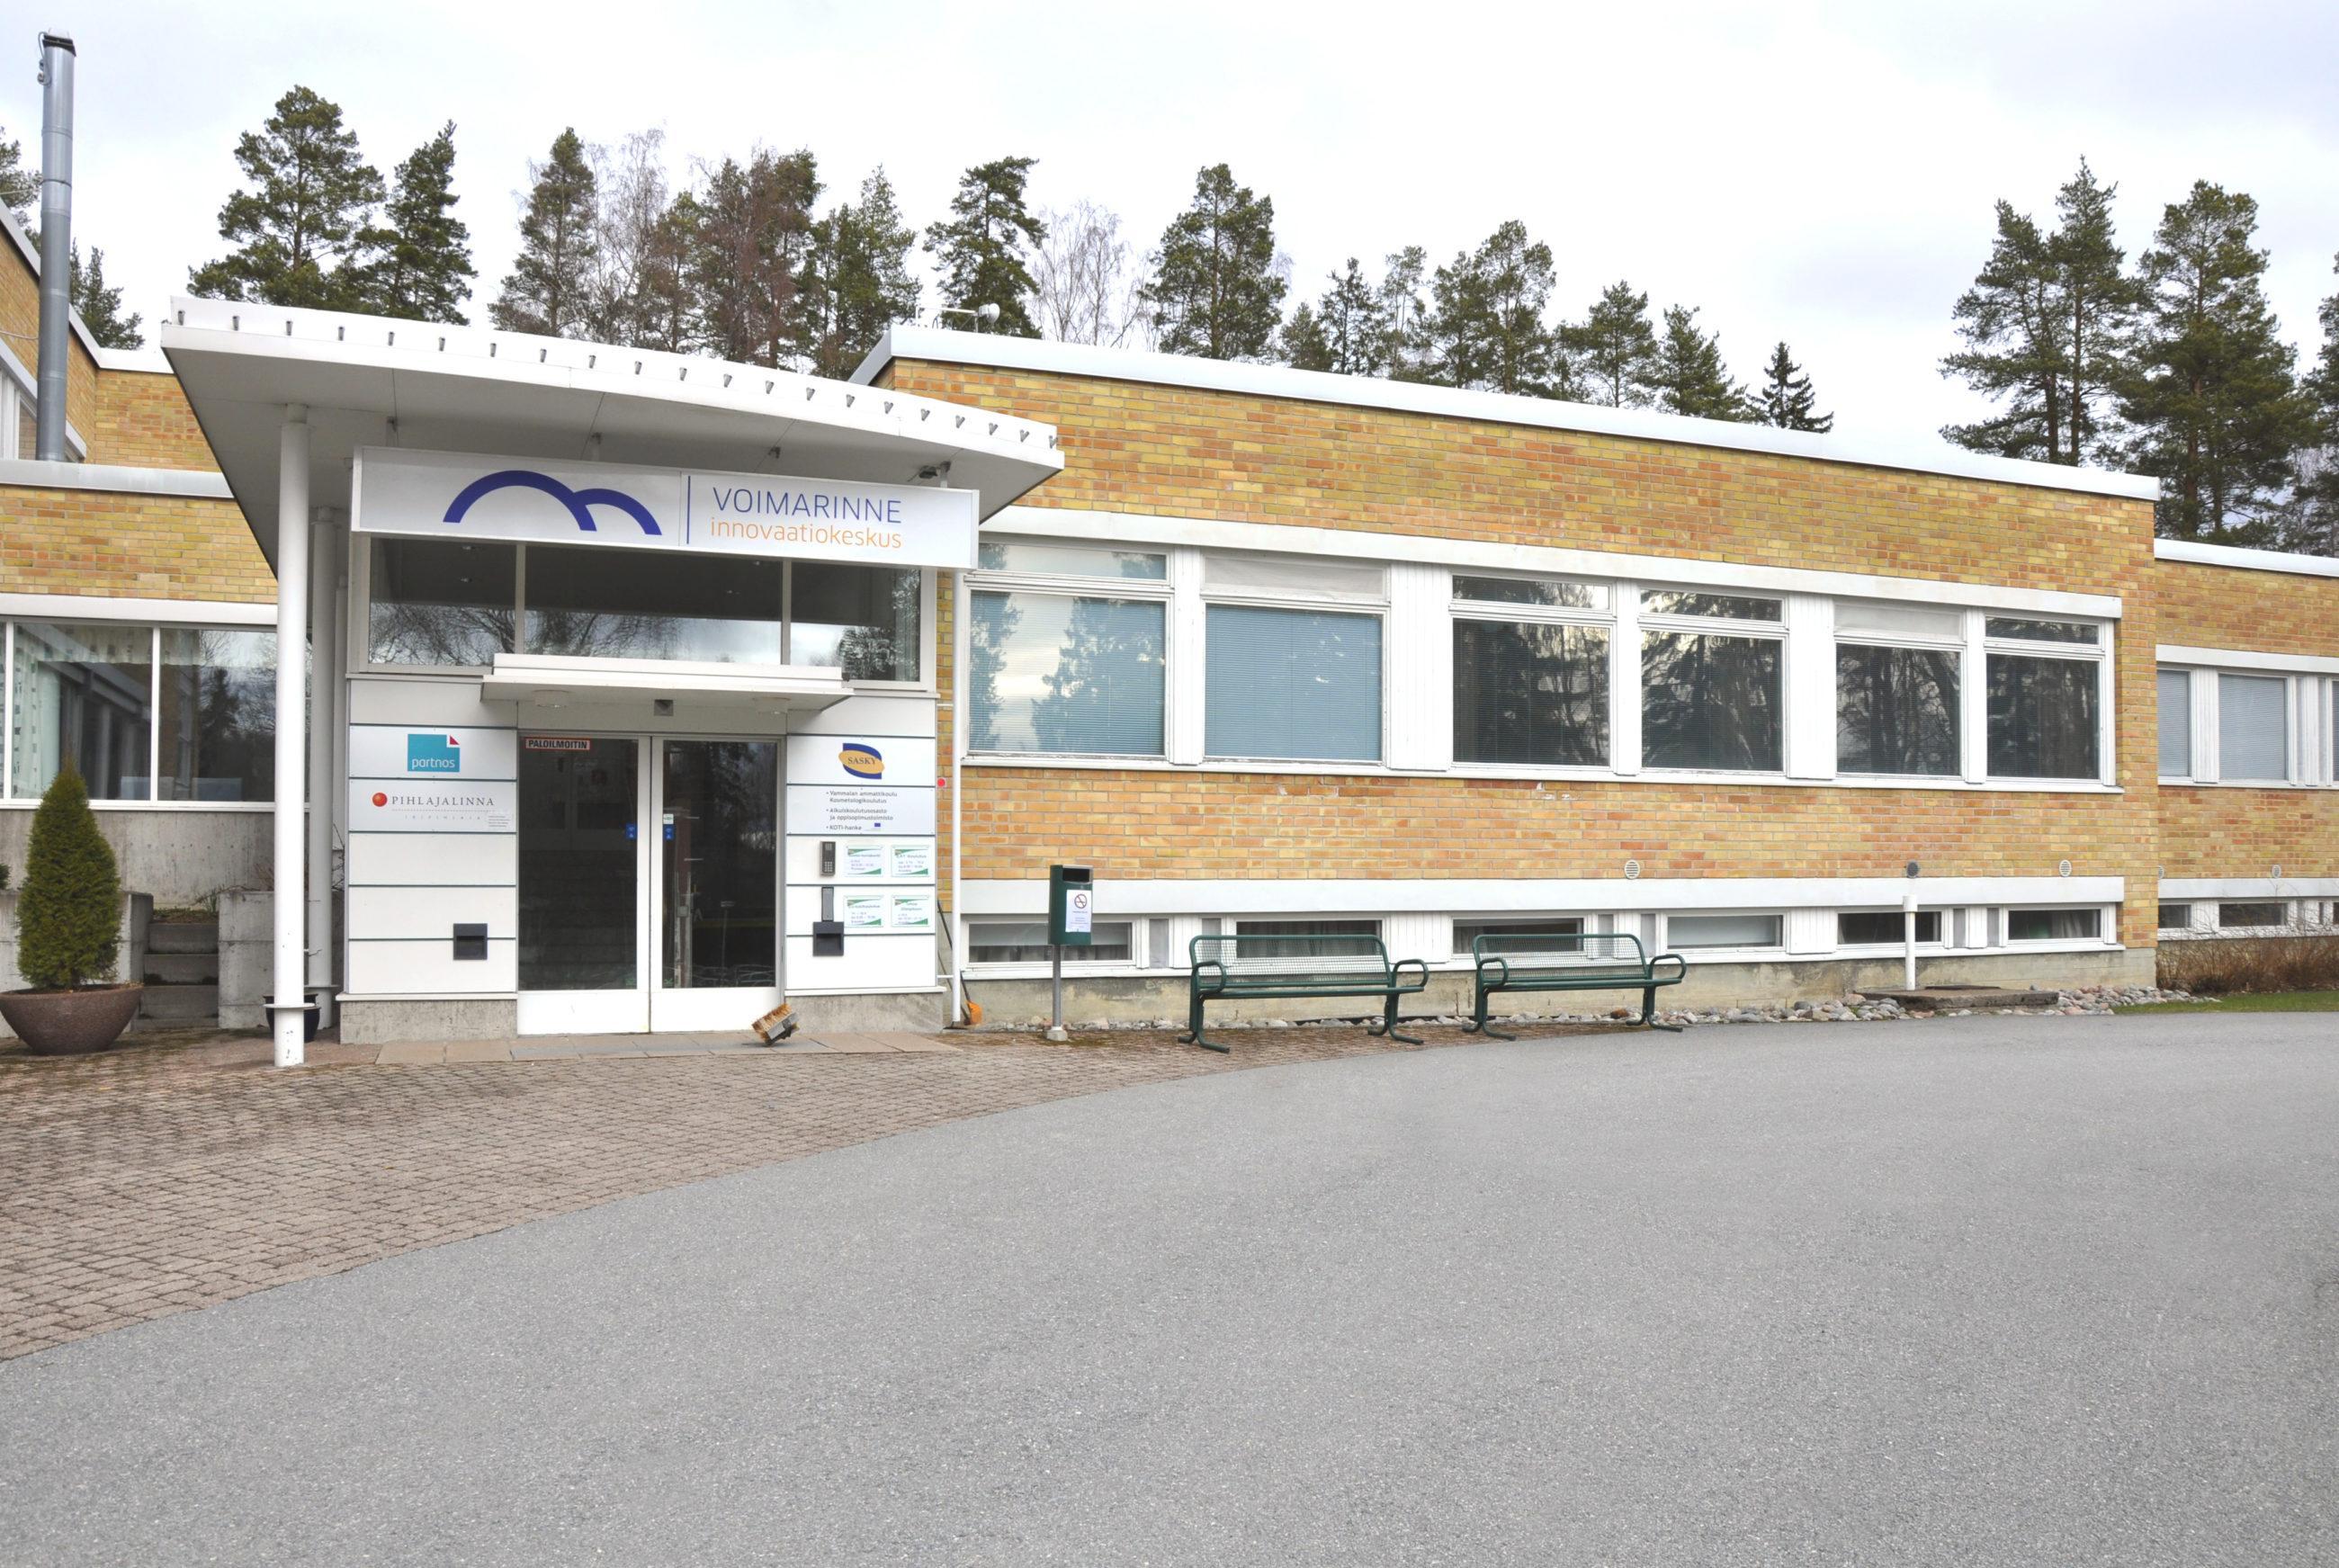 Innovaatiokeskus Voimarinteen rakennus Sastamalan Karkussa.